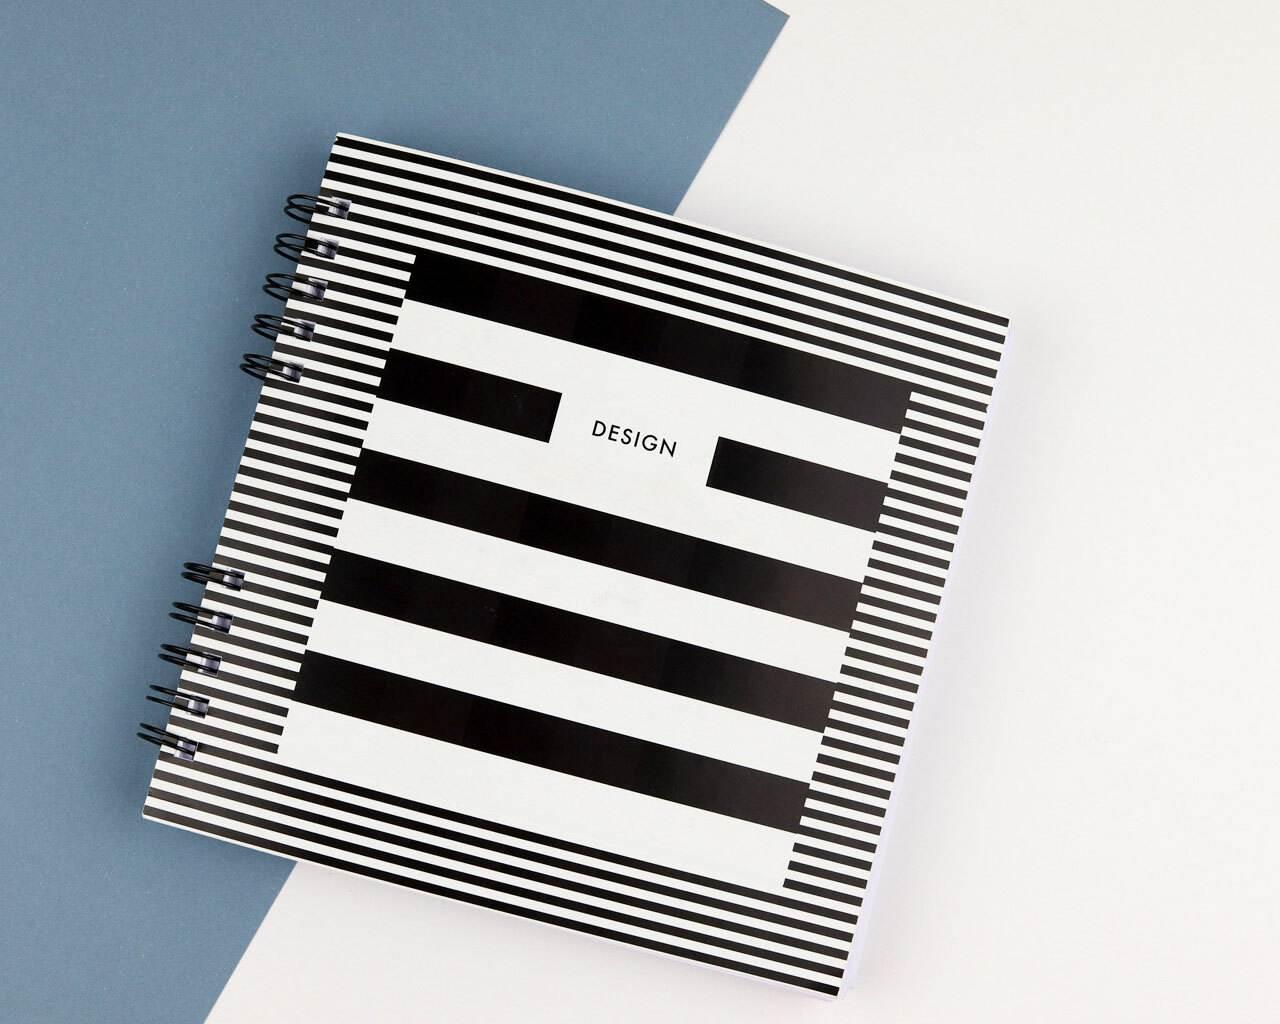 carnet-design-large-1280